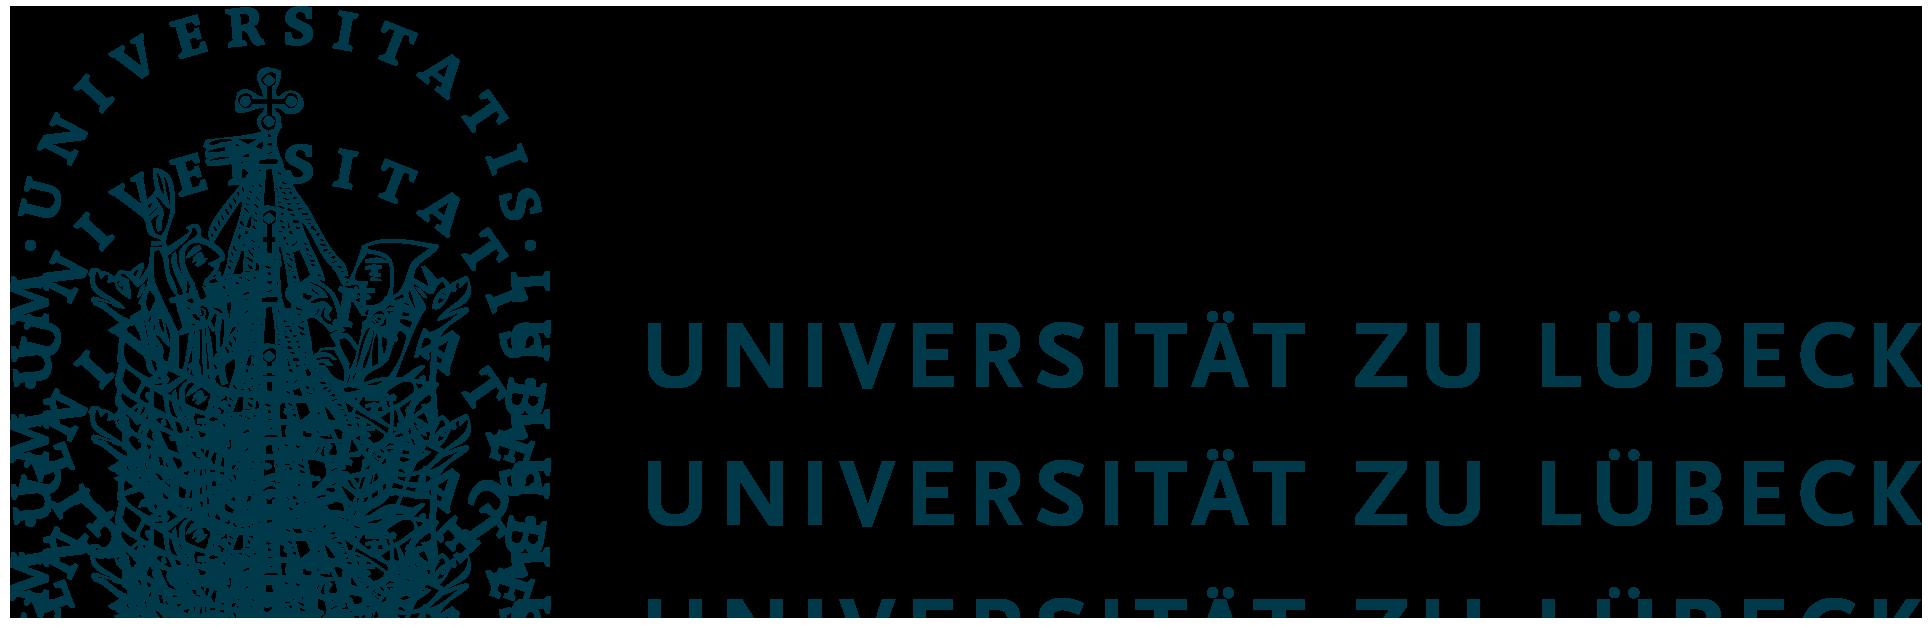 Wissenschaftlicher Mitarbeiter (m/w/d) - Universität zu Lübeck - Logo